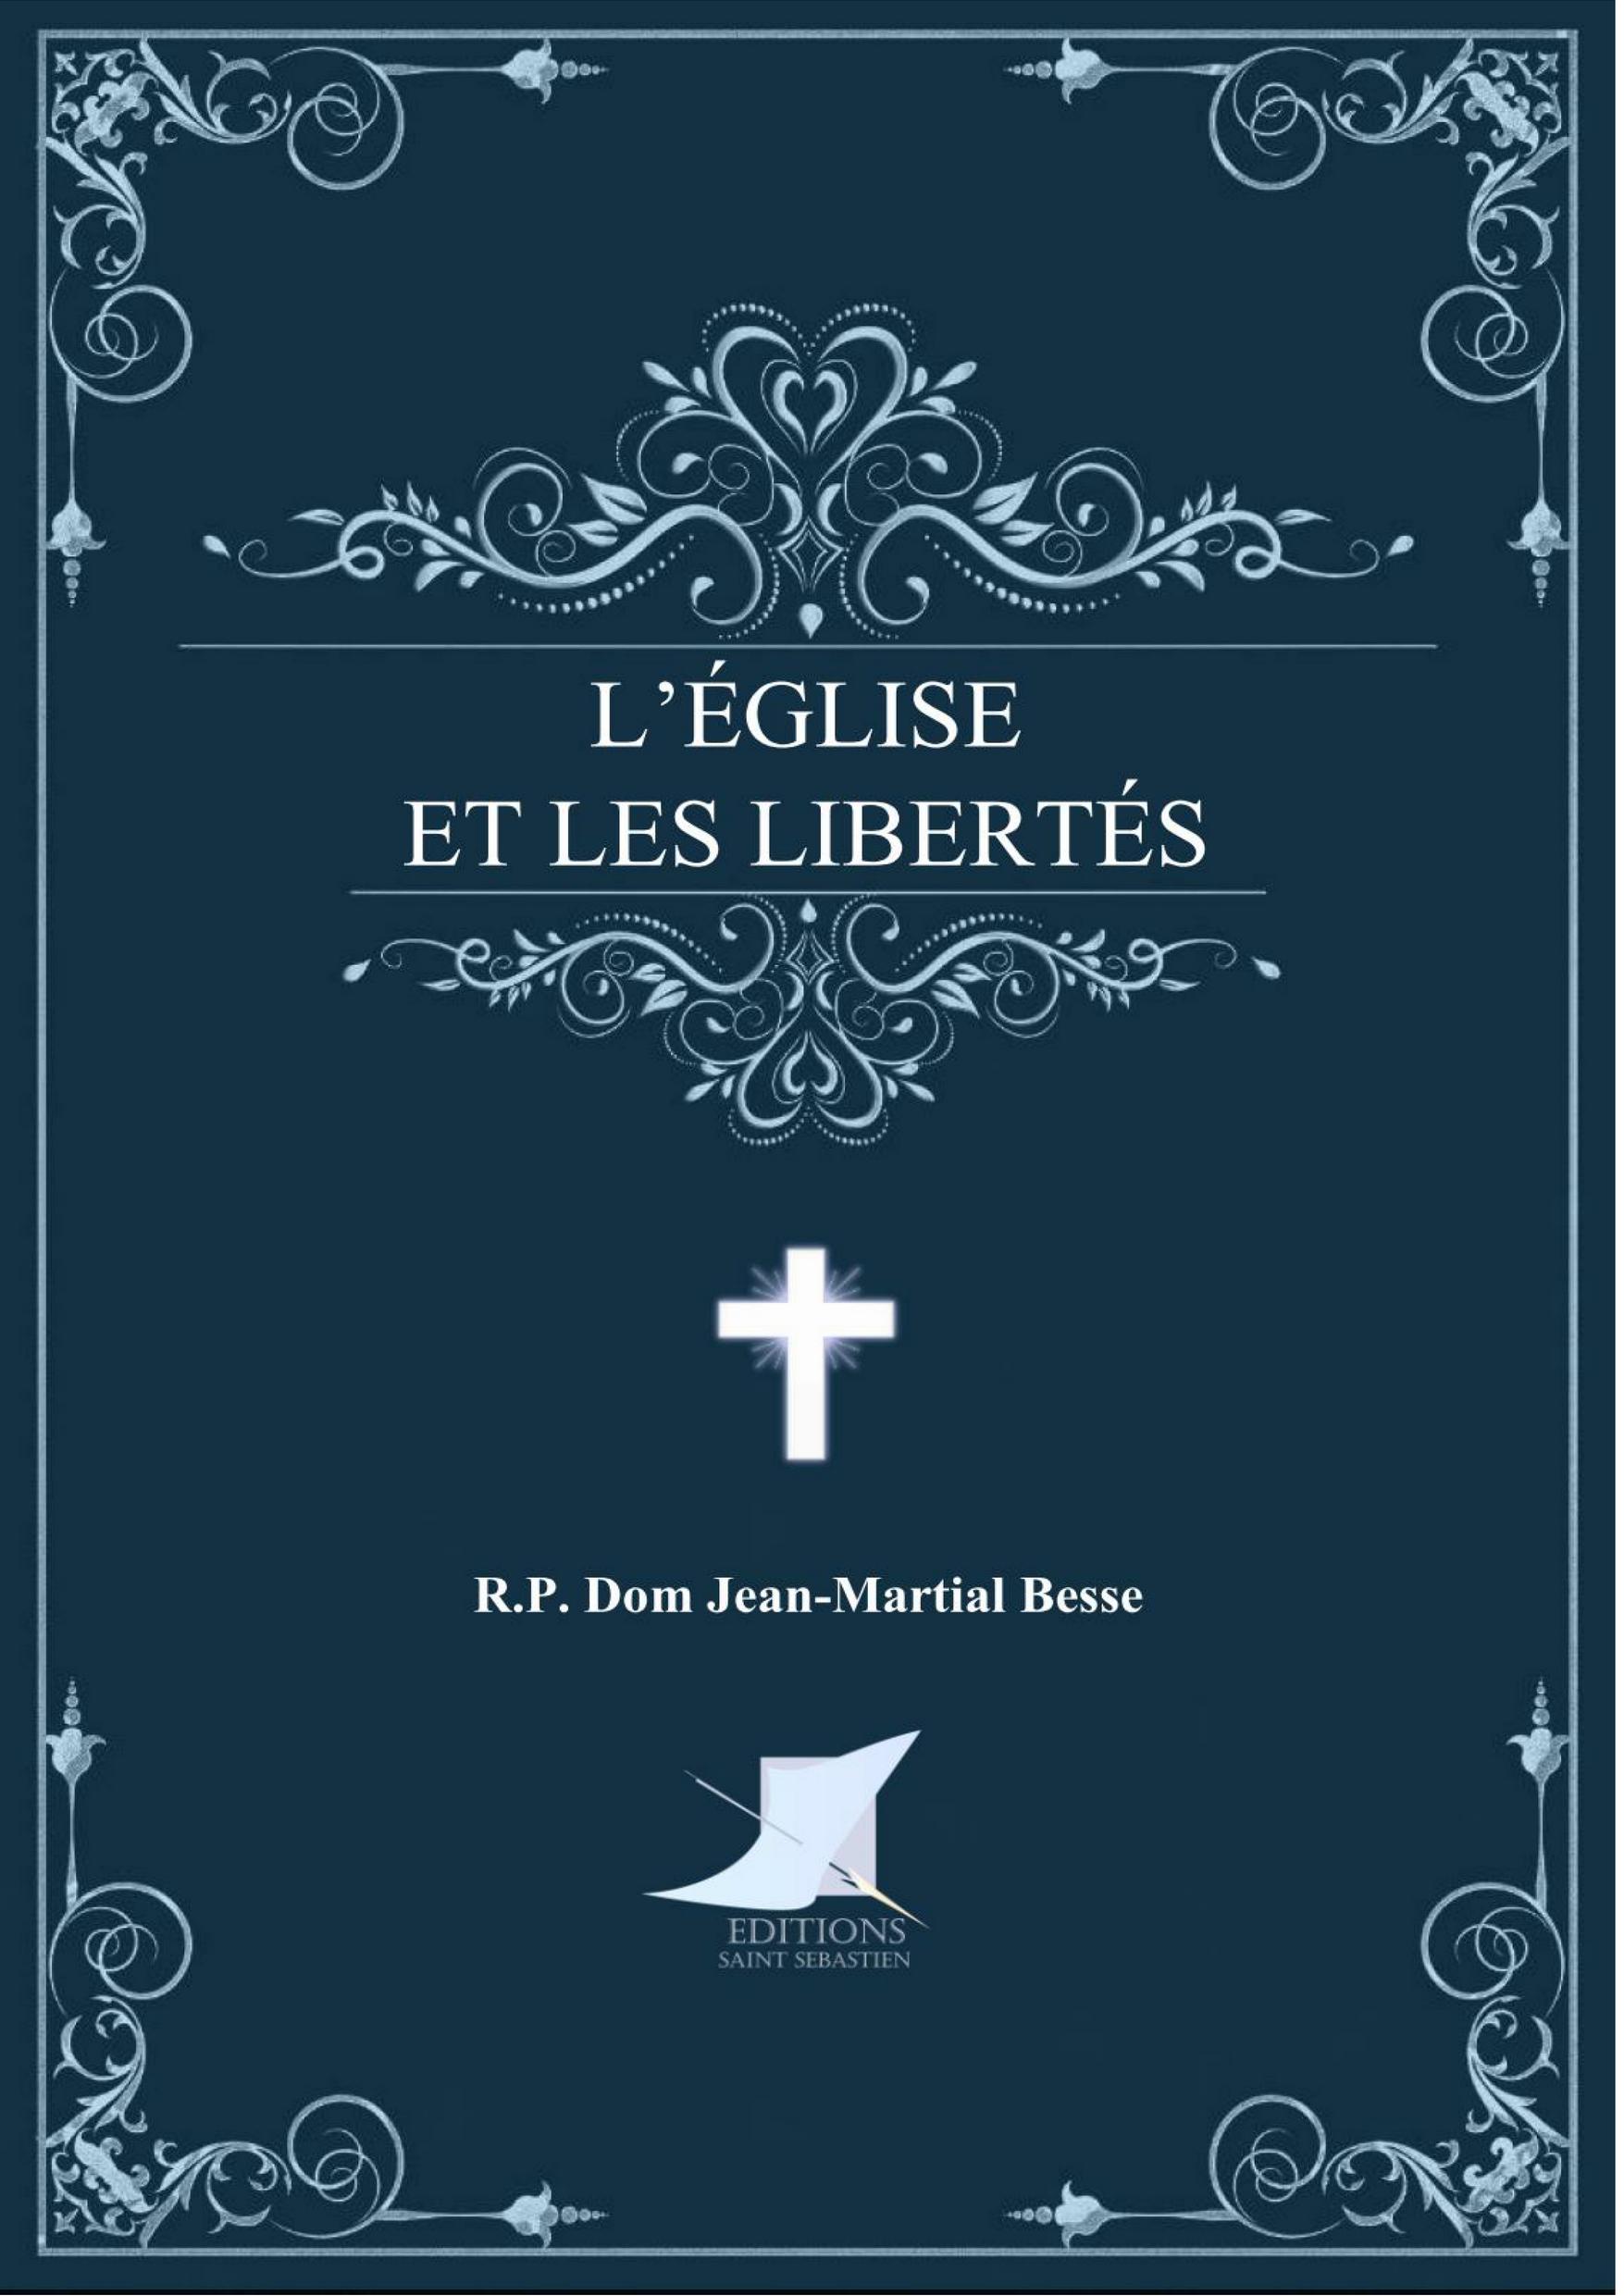 L'Église et les libertés